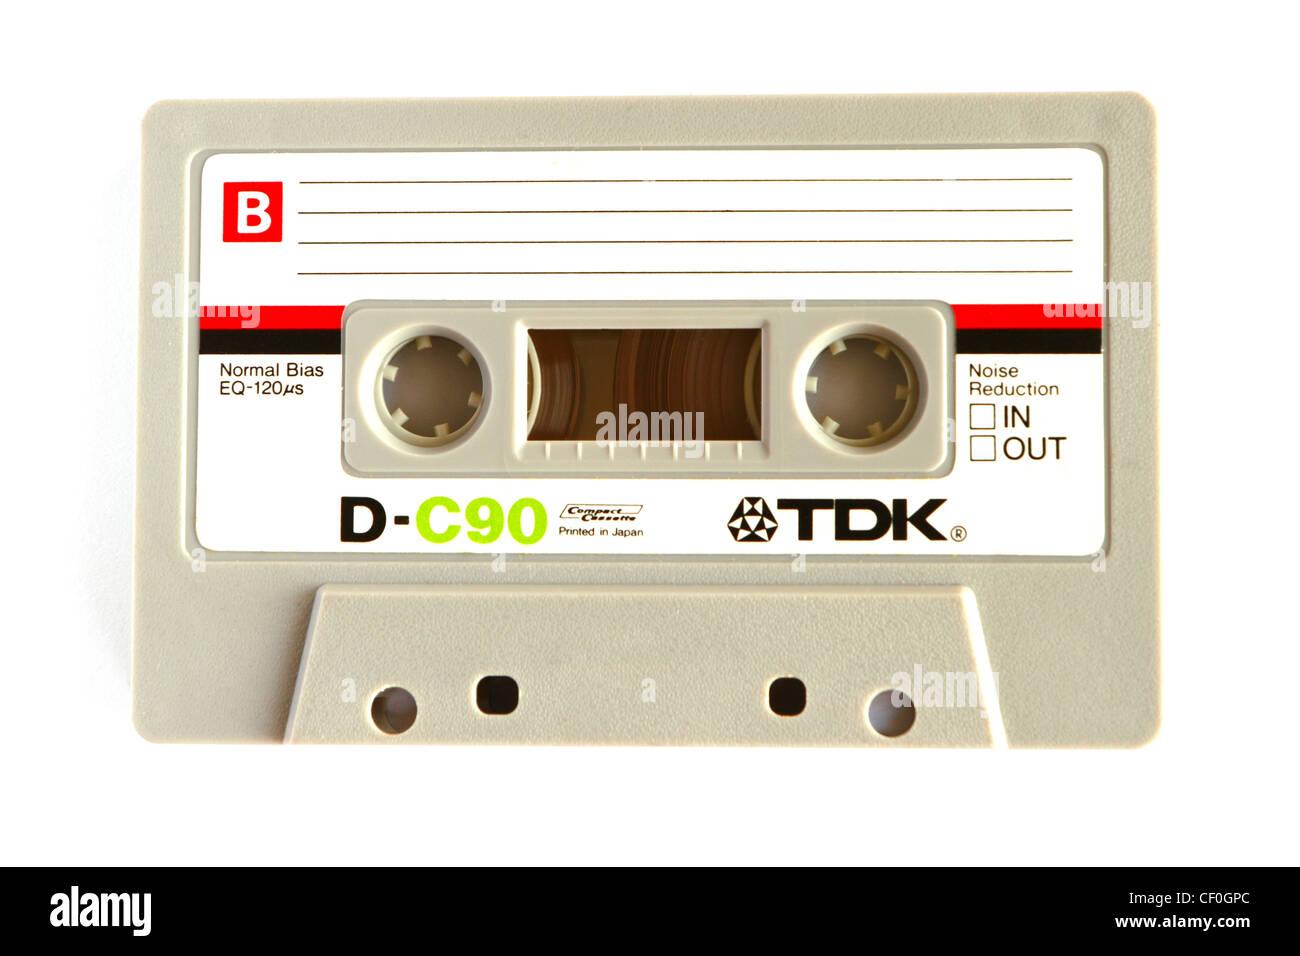 TDK C90 audio cassette tape - Stock Image